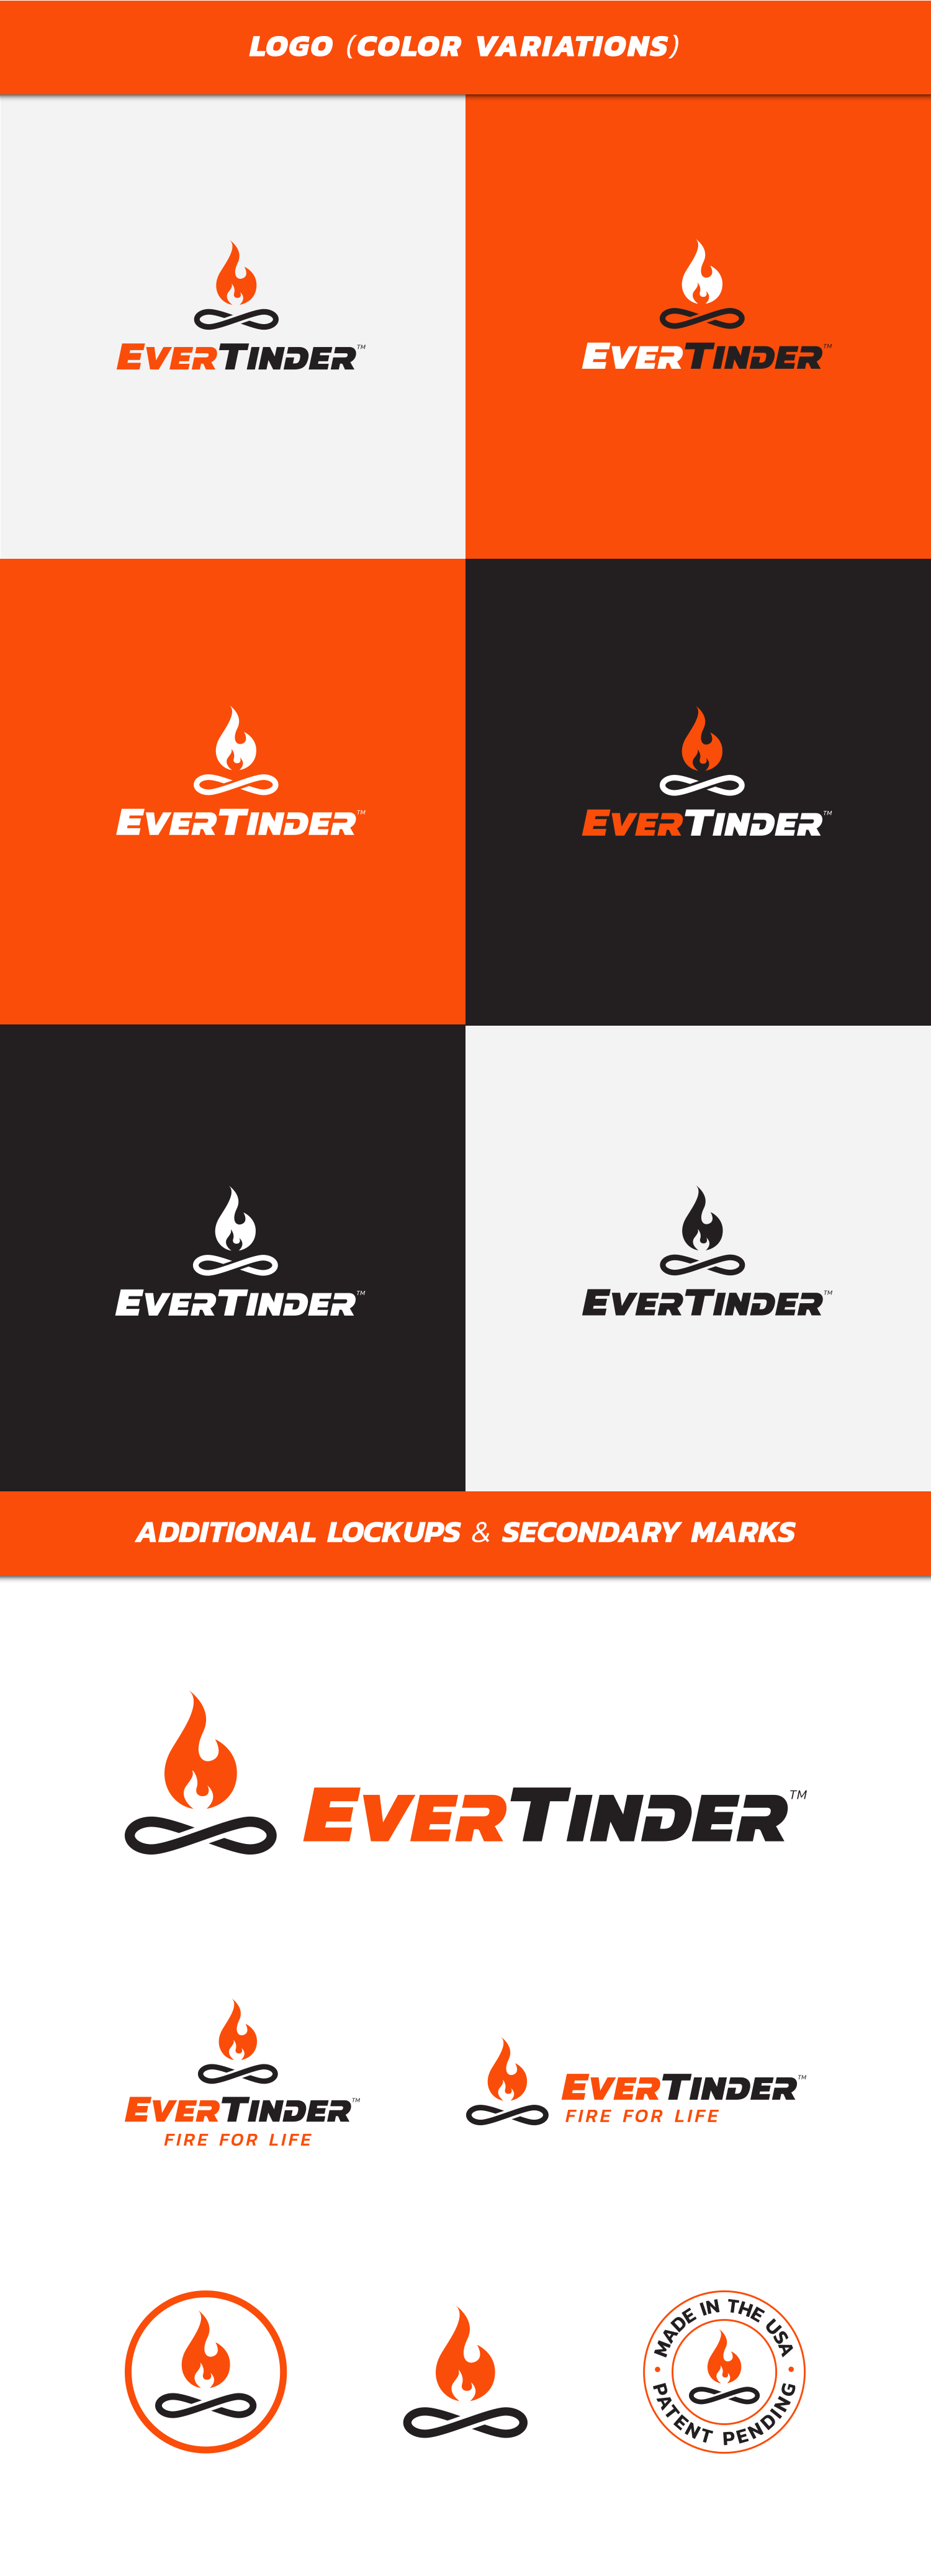 EverTinder final logos